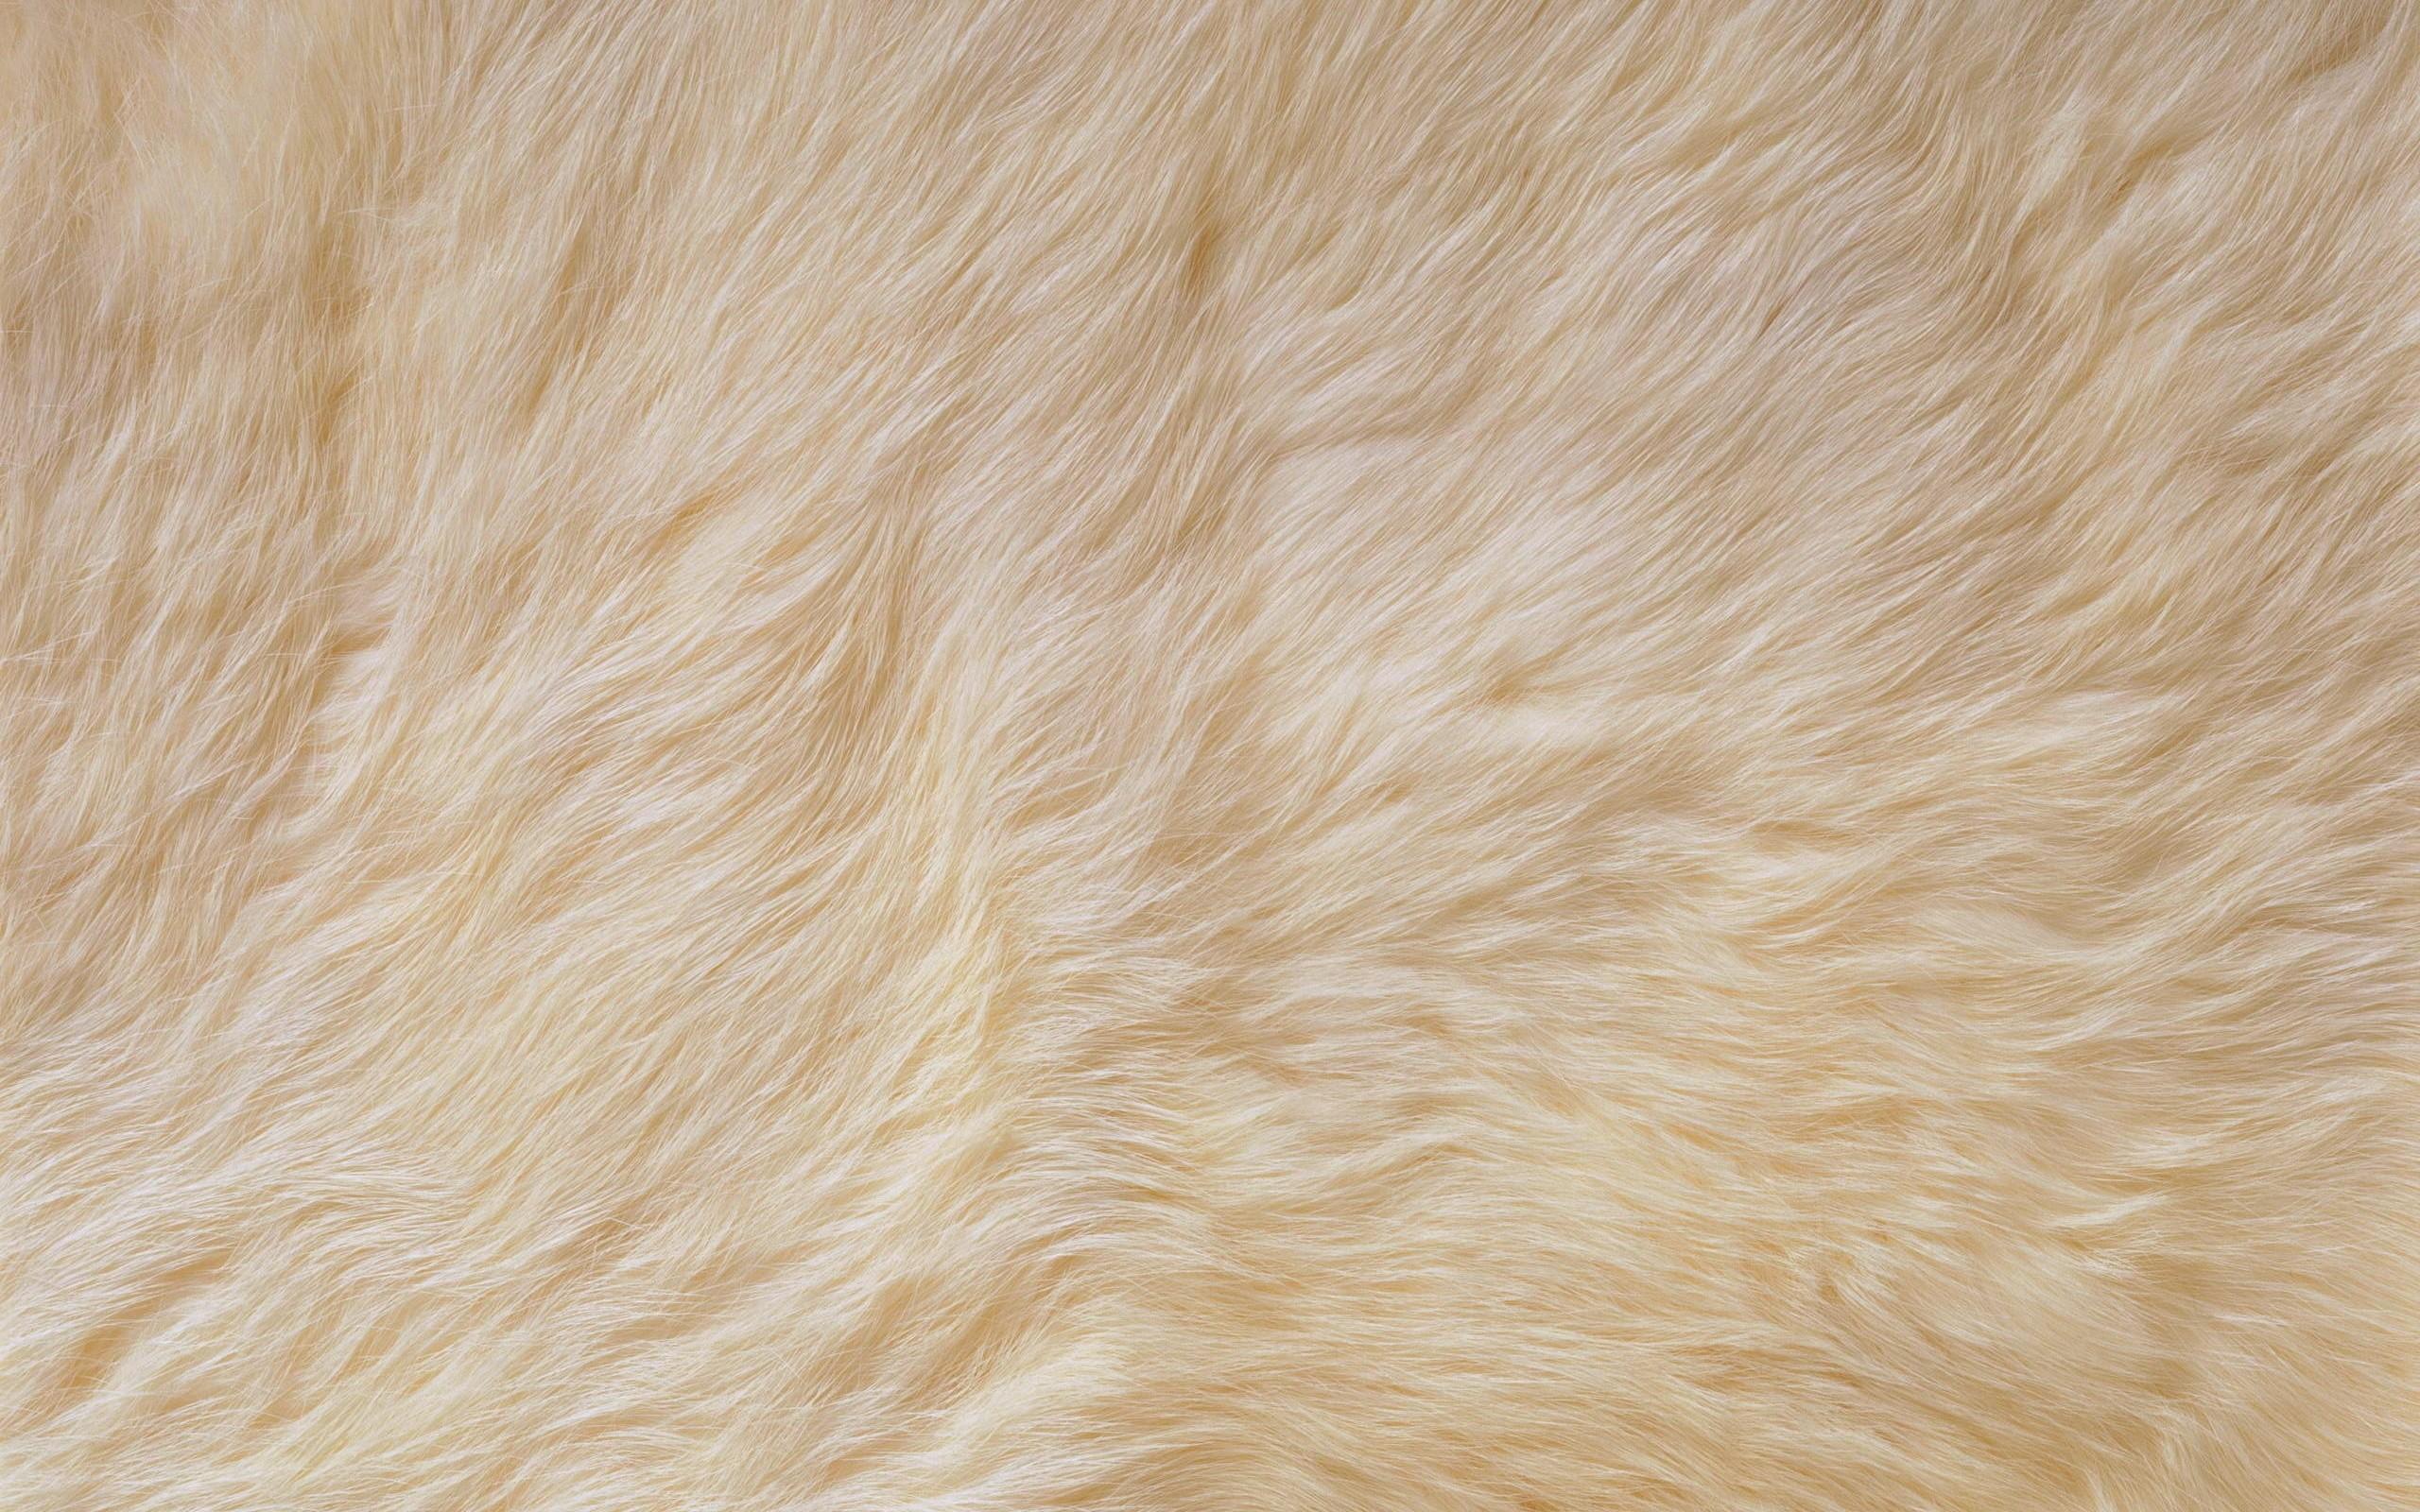 Decor Fur Rug Faux Sheepskin Sheep Skin